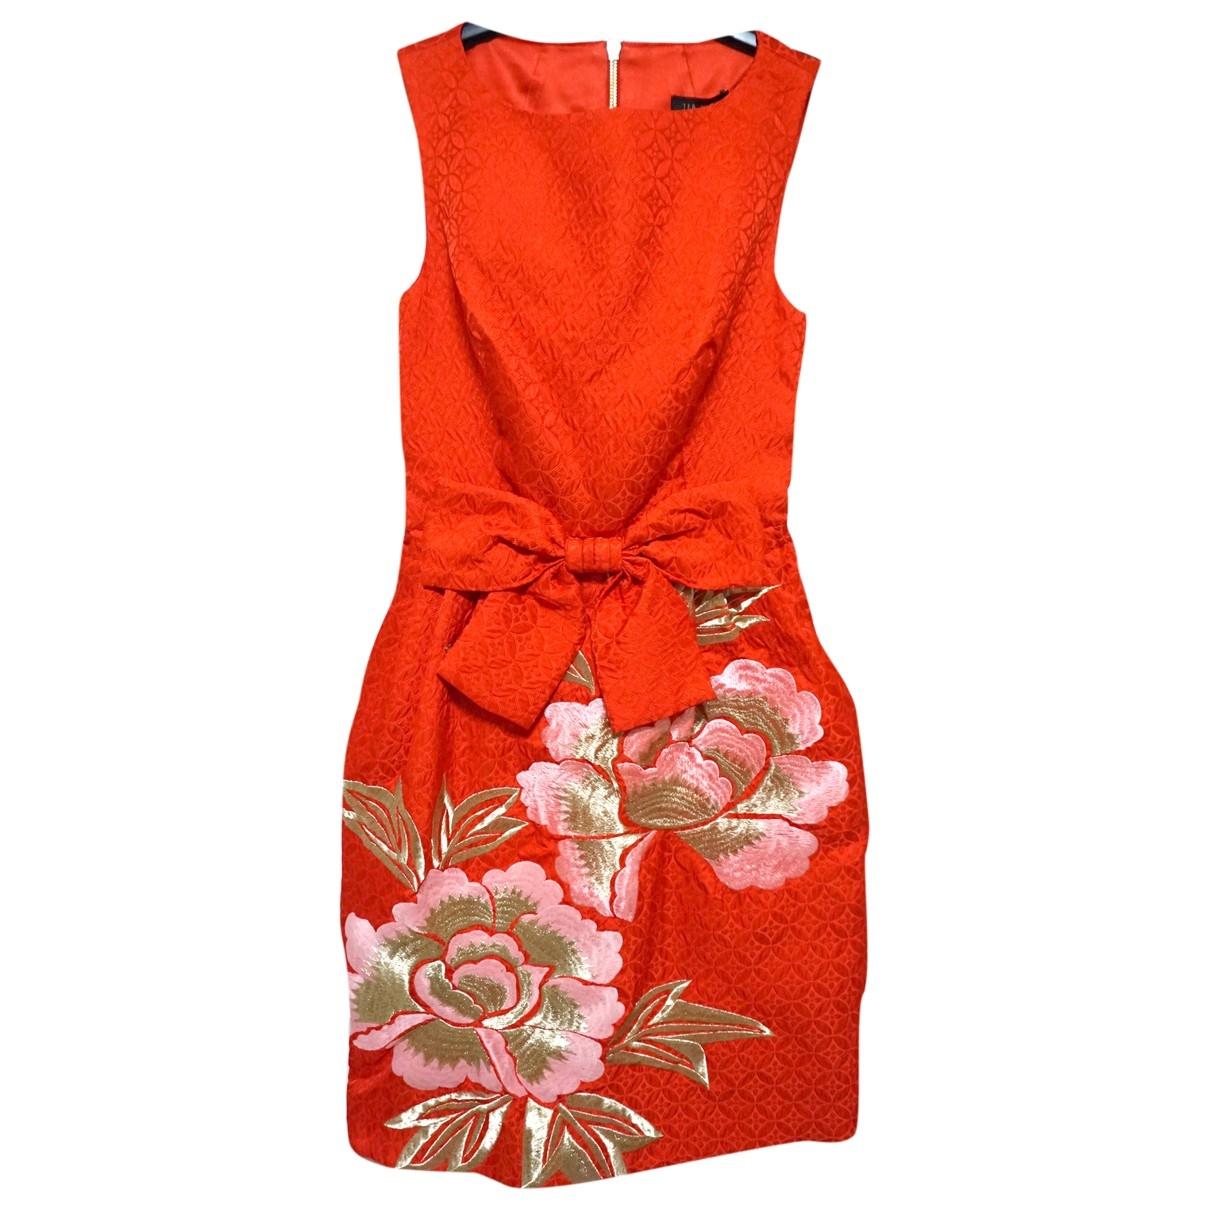 Ted Baker \N Orange dress for Women 6 UK